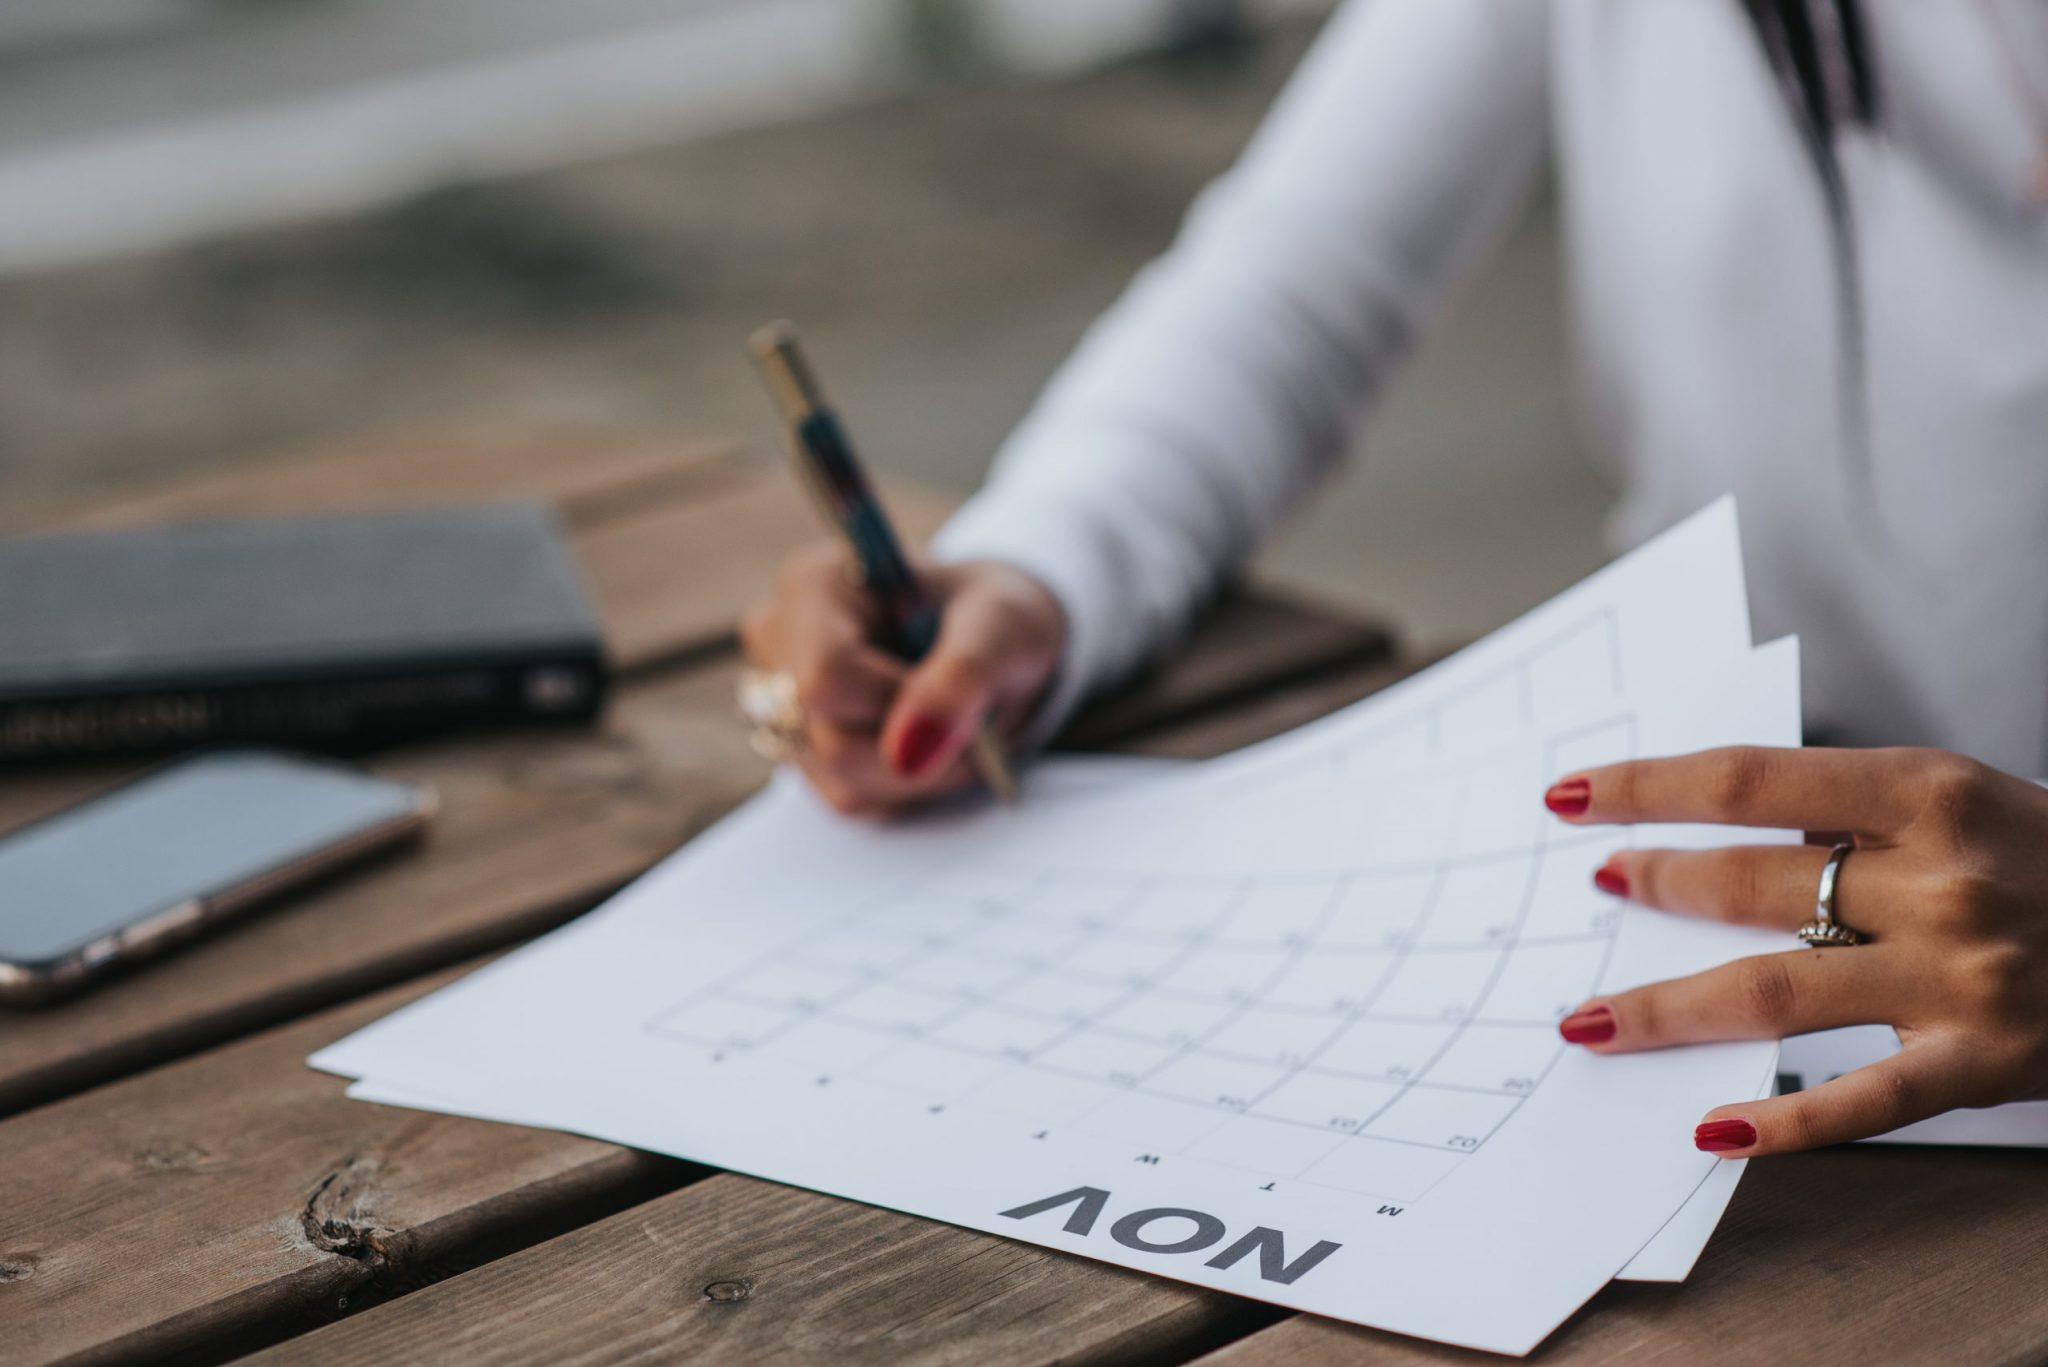 Para garantir a lucratividade nos feriados é cruciar planejar o calendário com antecedência.